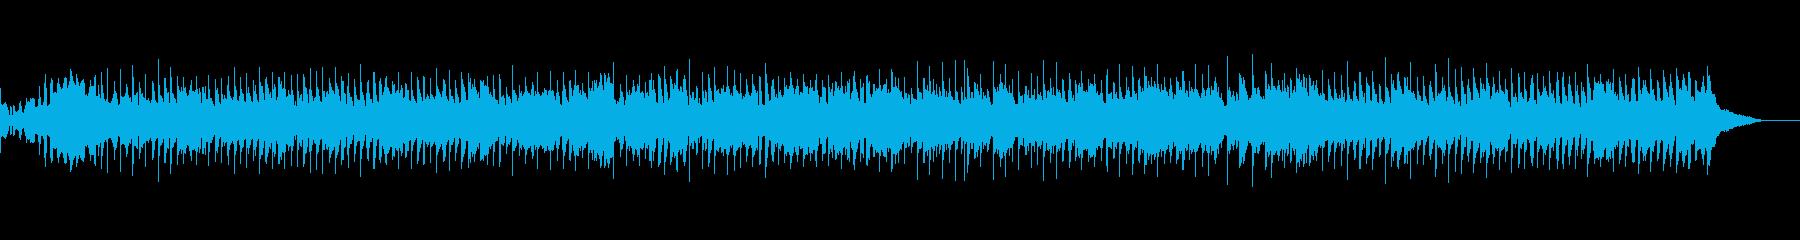 どたばたコメディ感のあるBGMの再生済みの波形